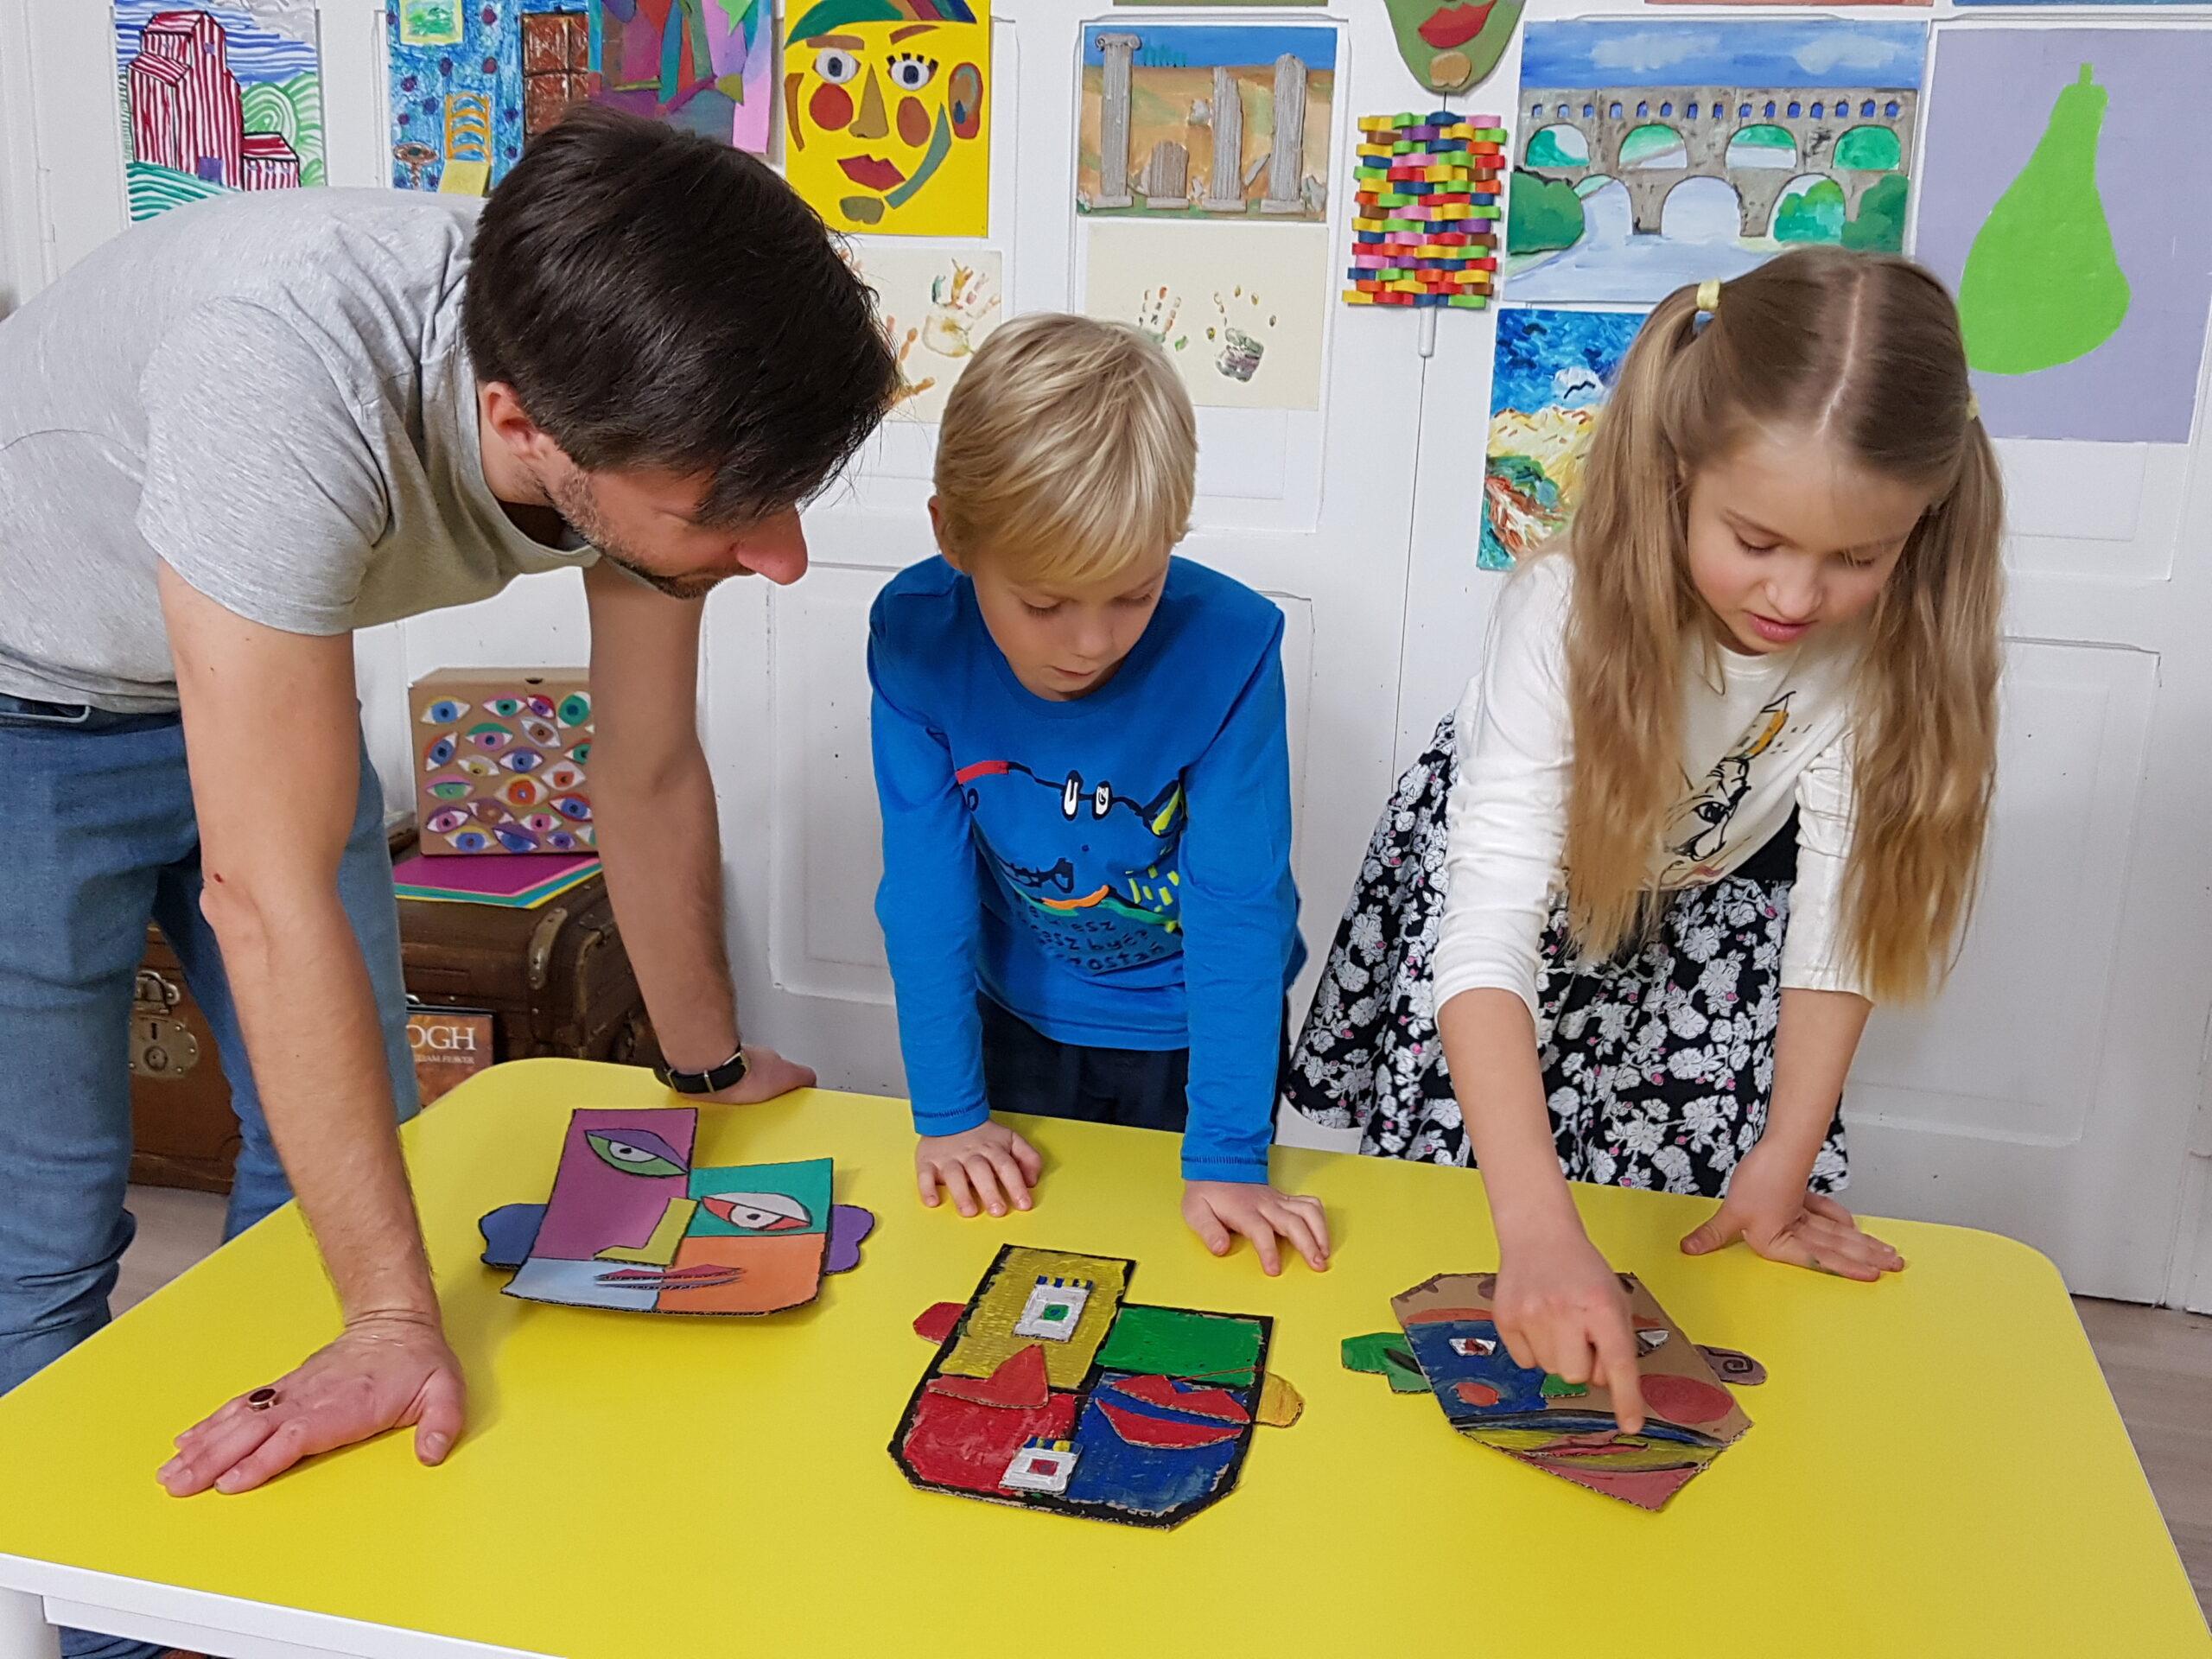 Dzieci omawiają swoje kubistyczne portrety z pedagogiem.